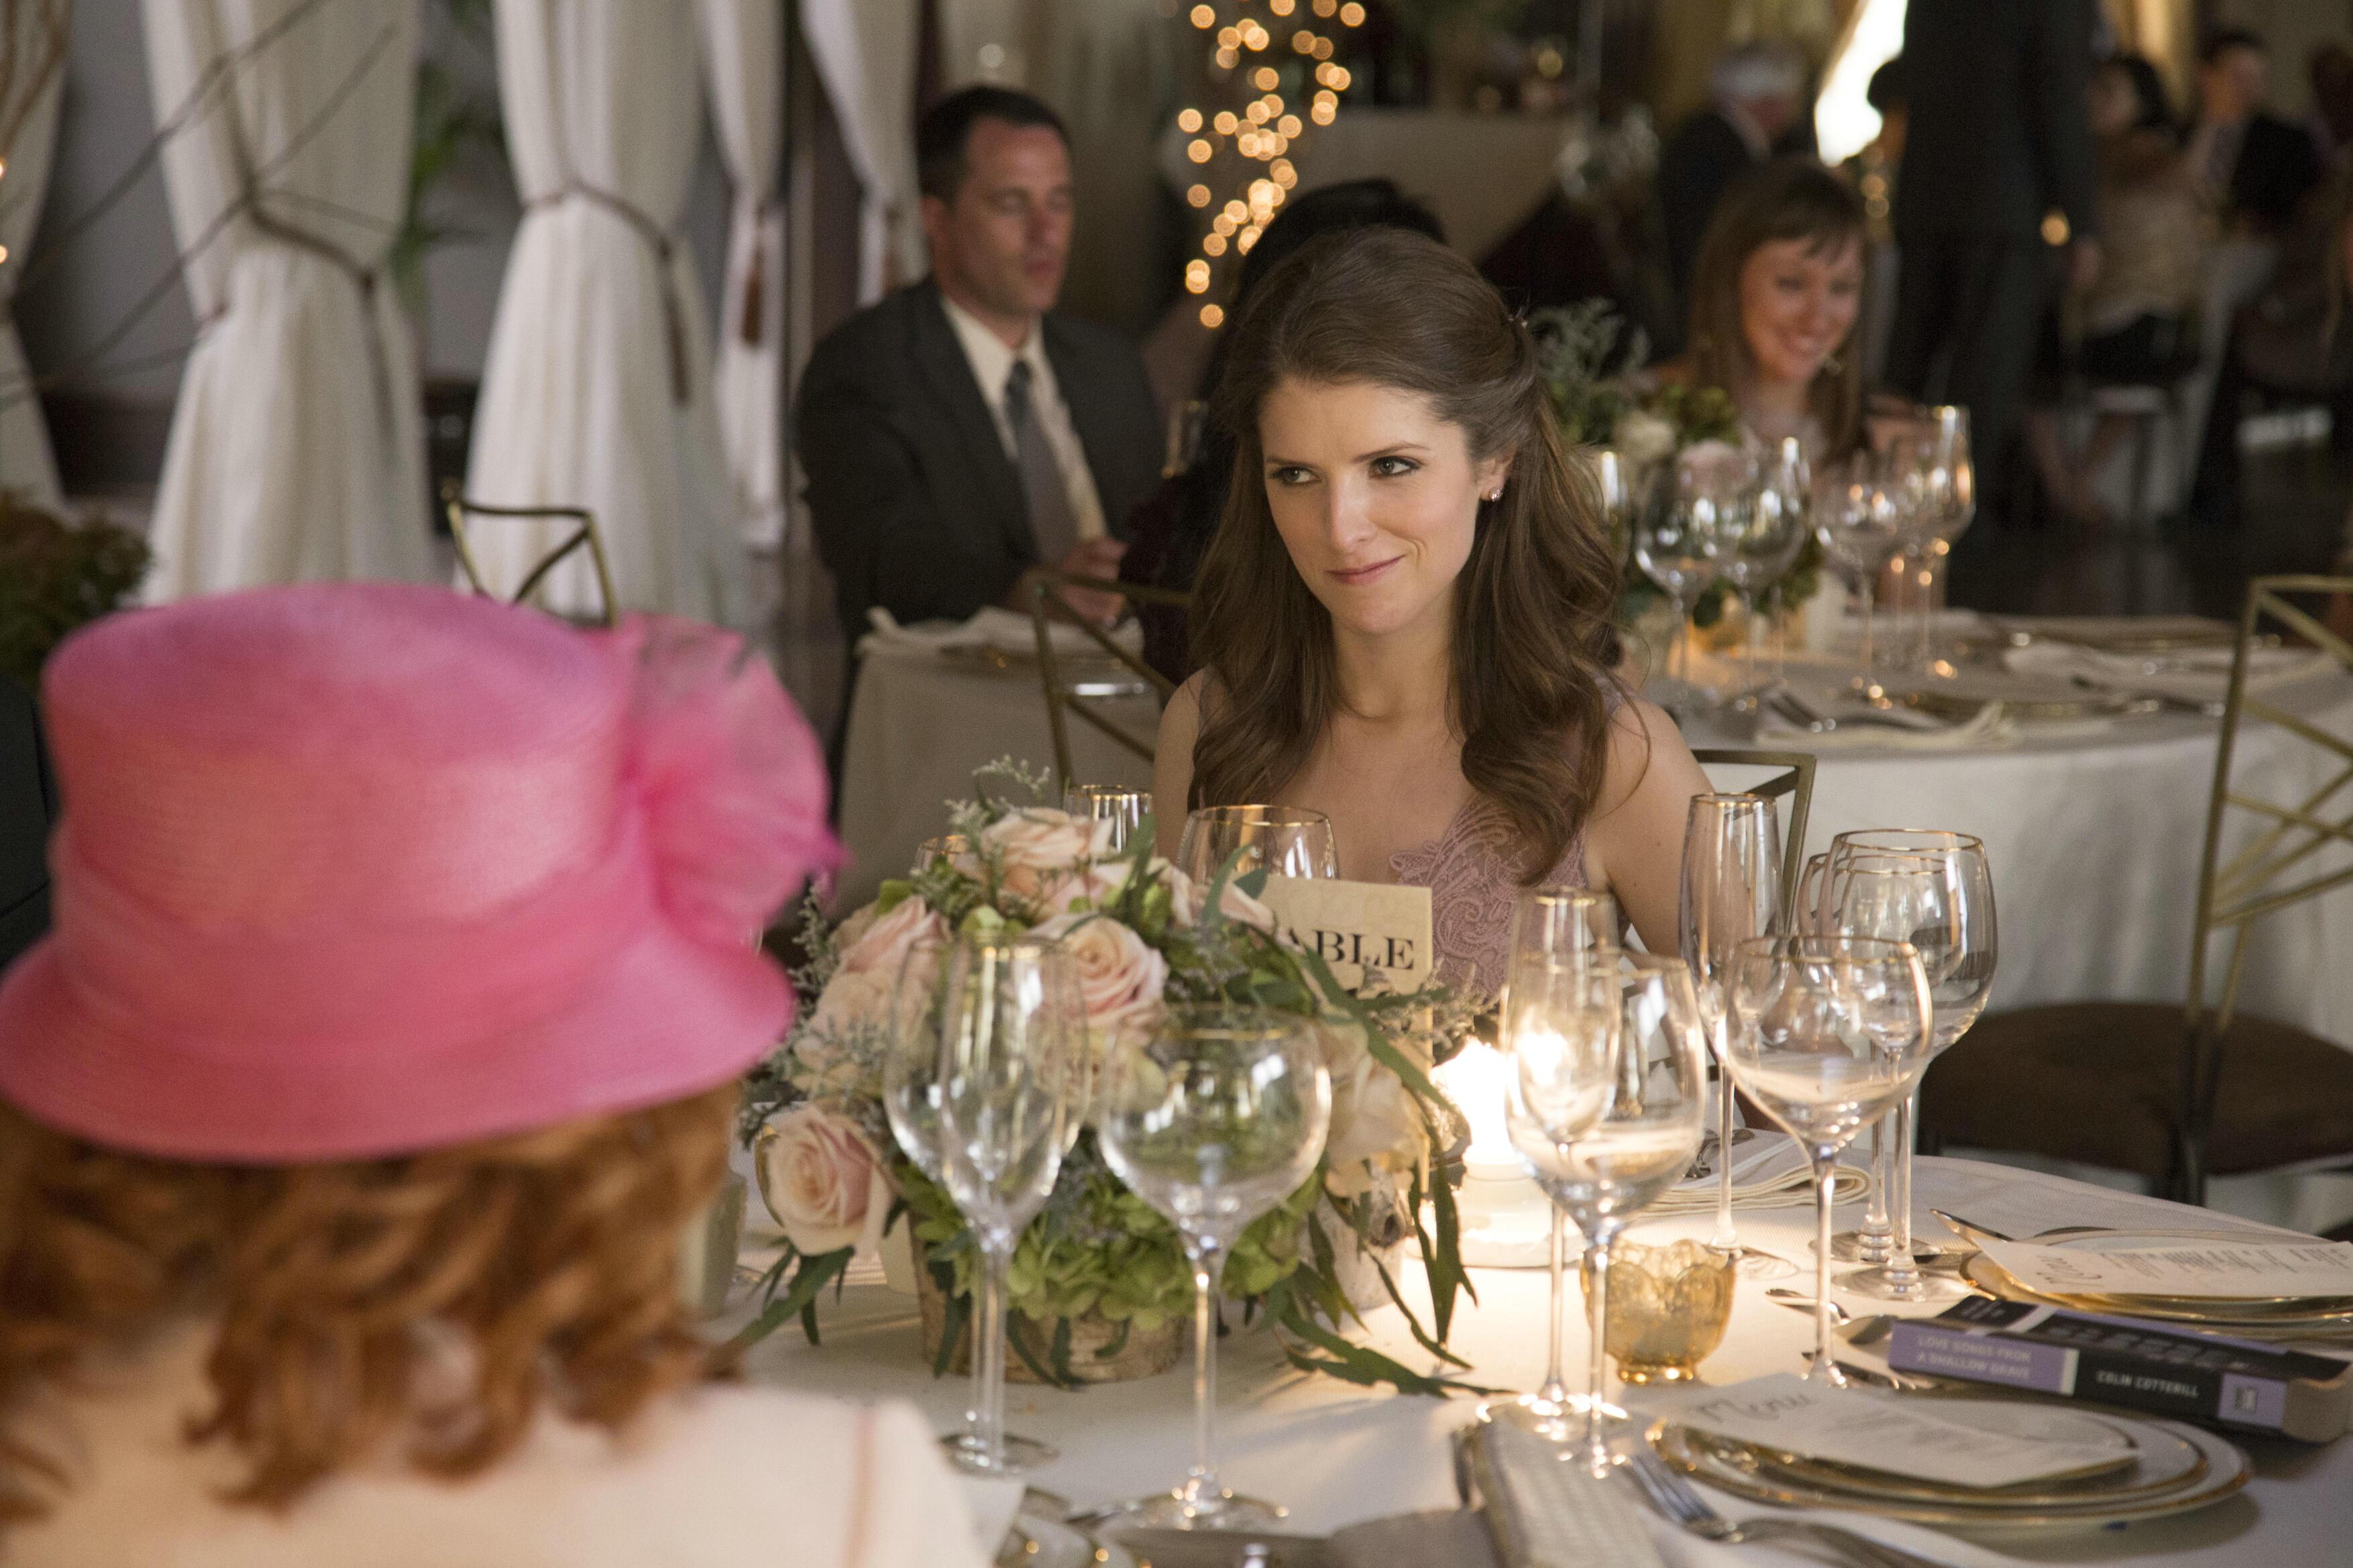 Table 19 liebe ist fehl am platz bild 21 von 38 for Table 9 movie